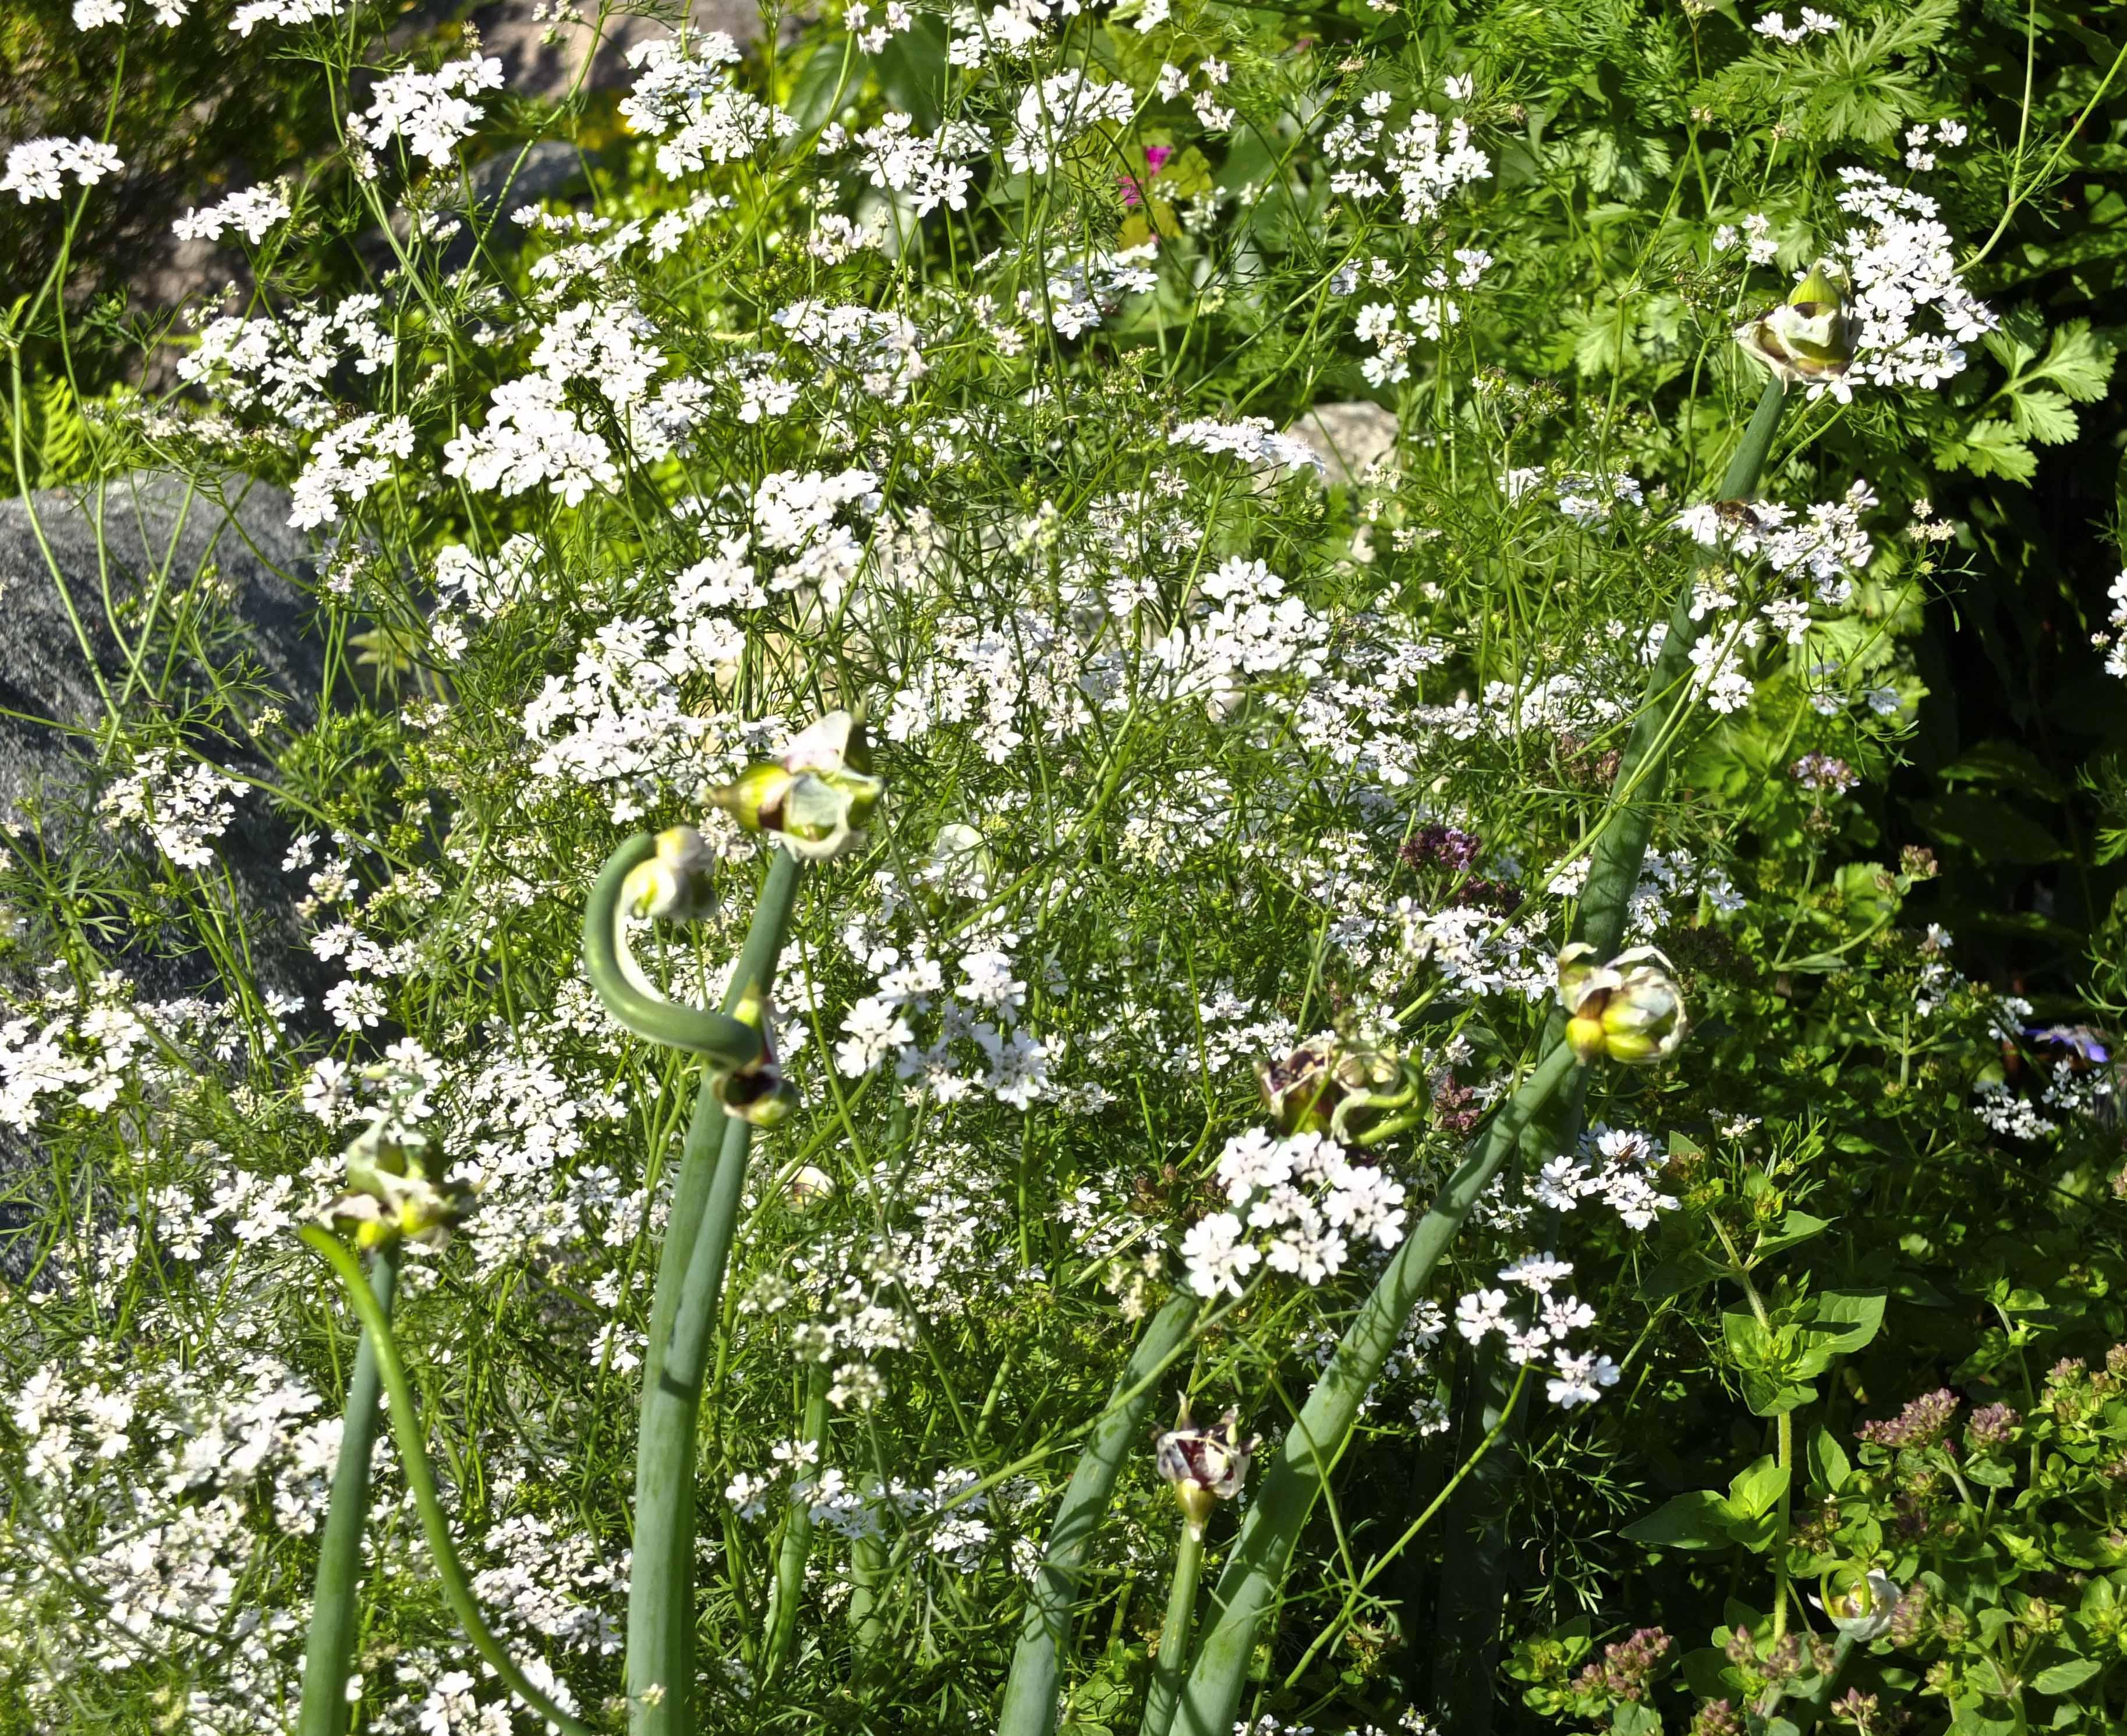 Koriander i blomst er alle insekter velig glad i er mitt inntrykk.